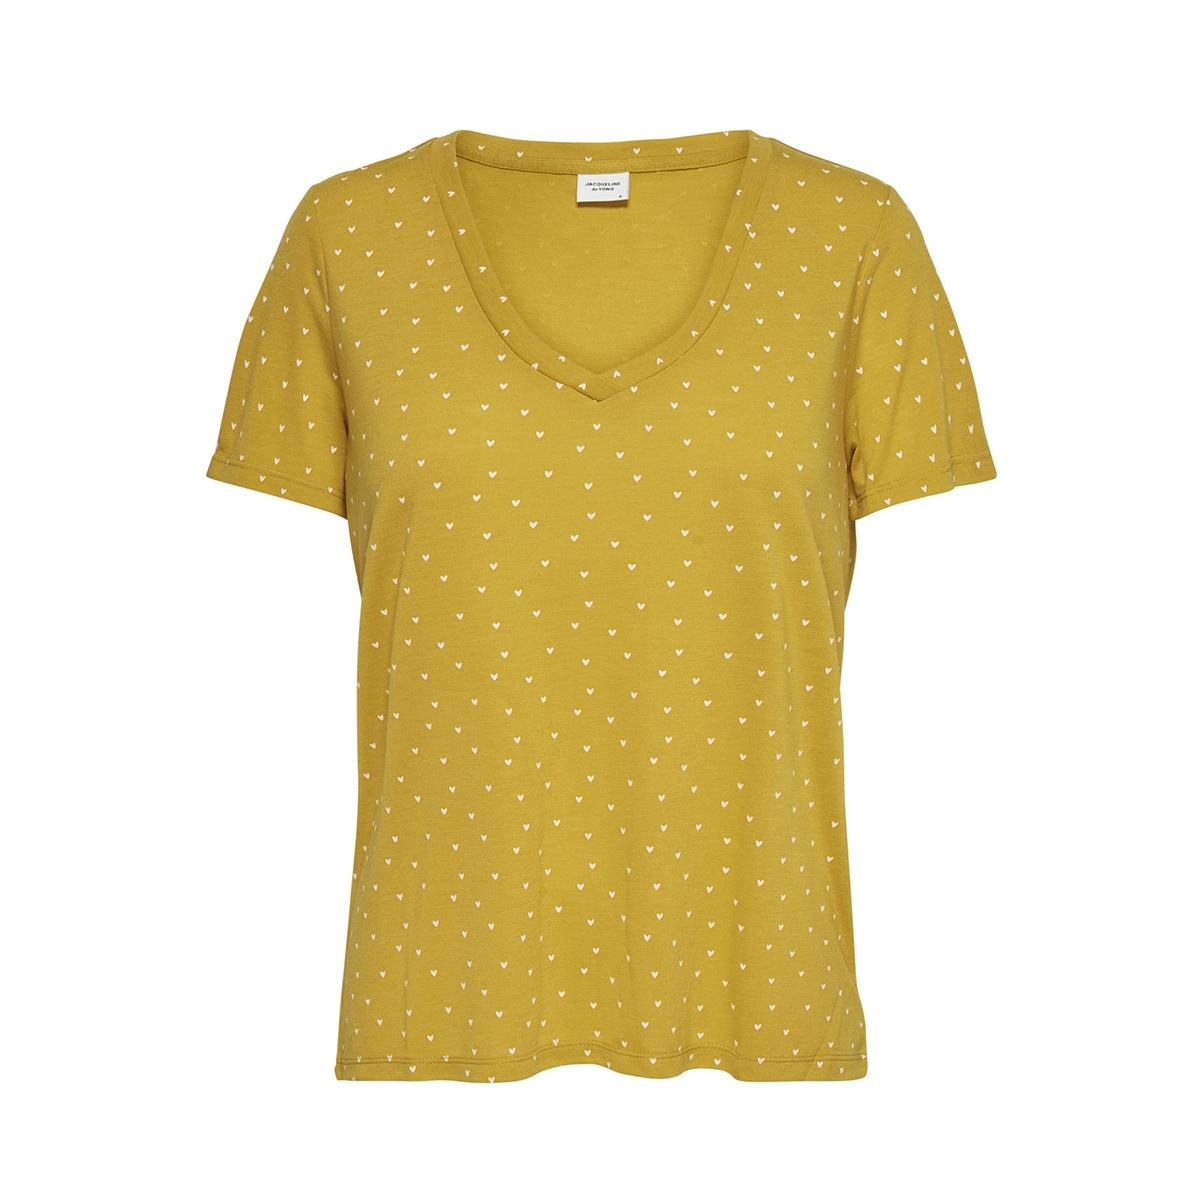 jdycloud s/s aop v-neck top jrs noo 15148943 jacqueline de yong t-shirt golden spice/cloud dancer